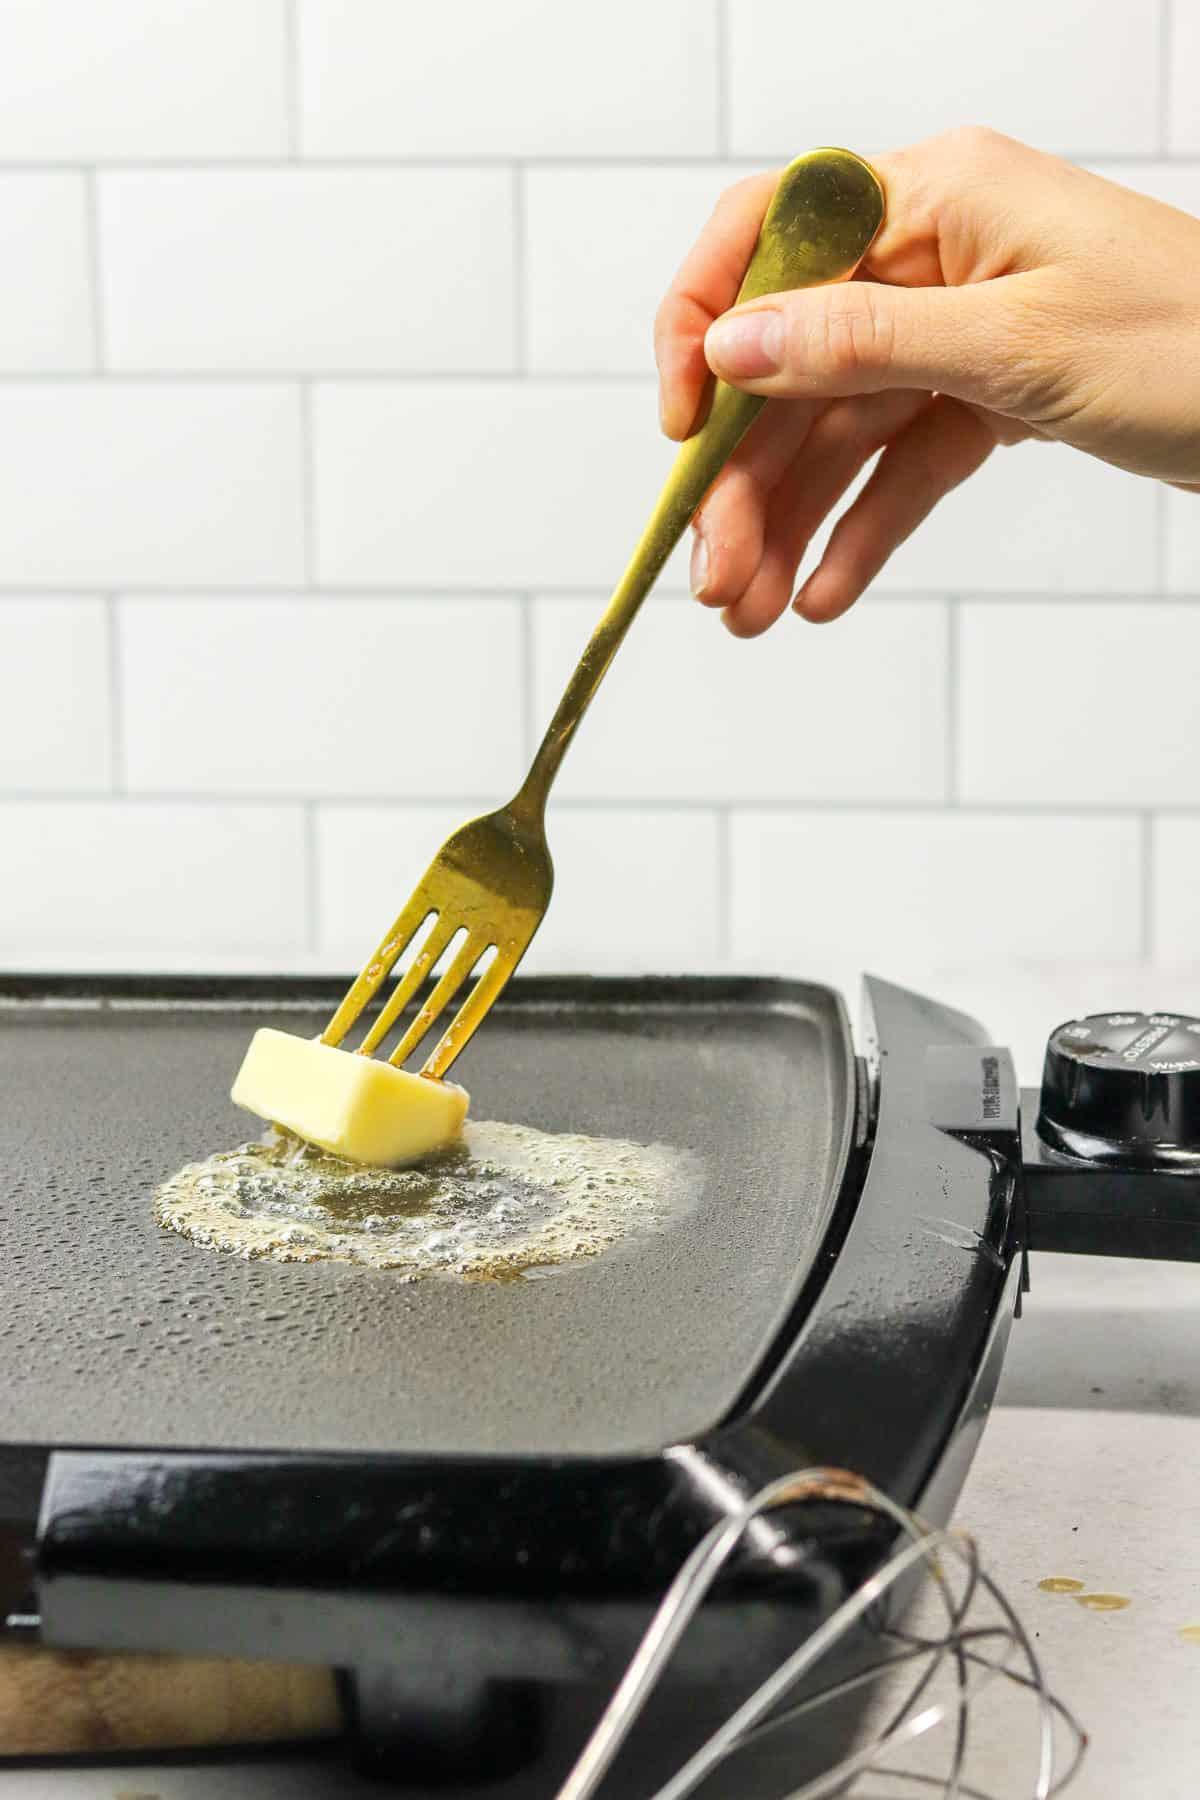 melting butter on a hot griddle.